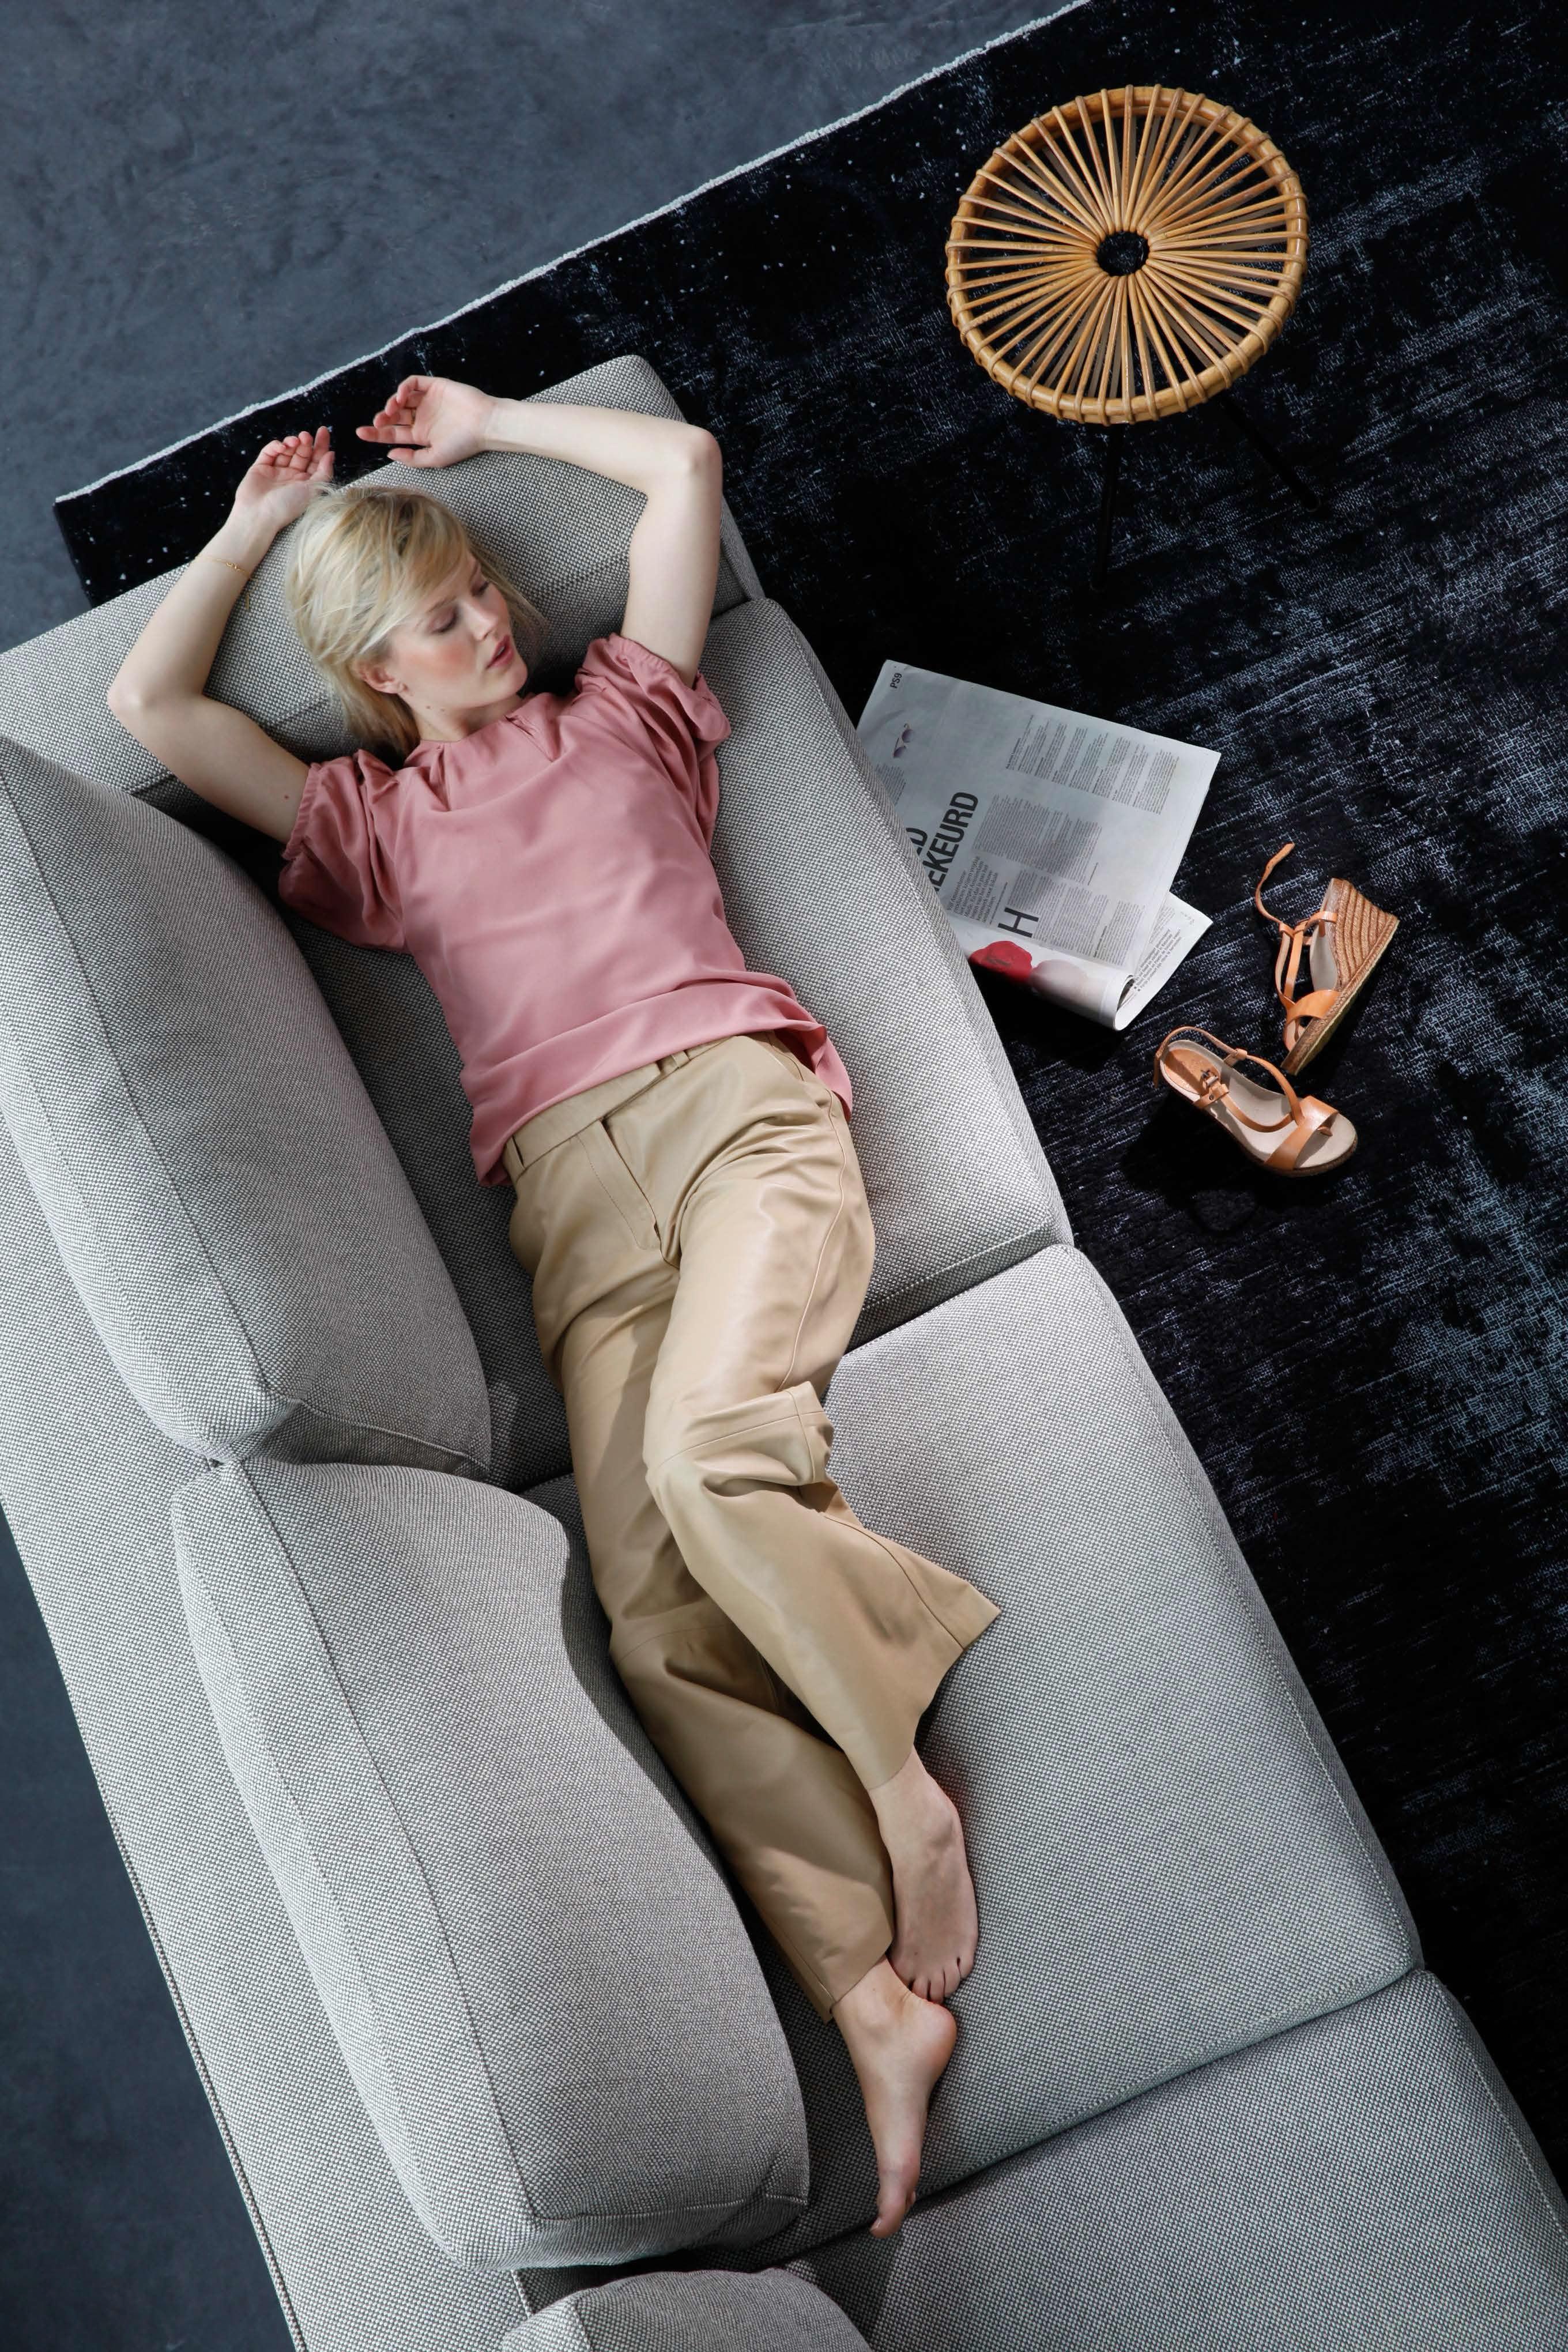 Fred de la Bret 1 - Maarten Schets - Pim Thomassen Agency - jpg